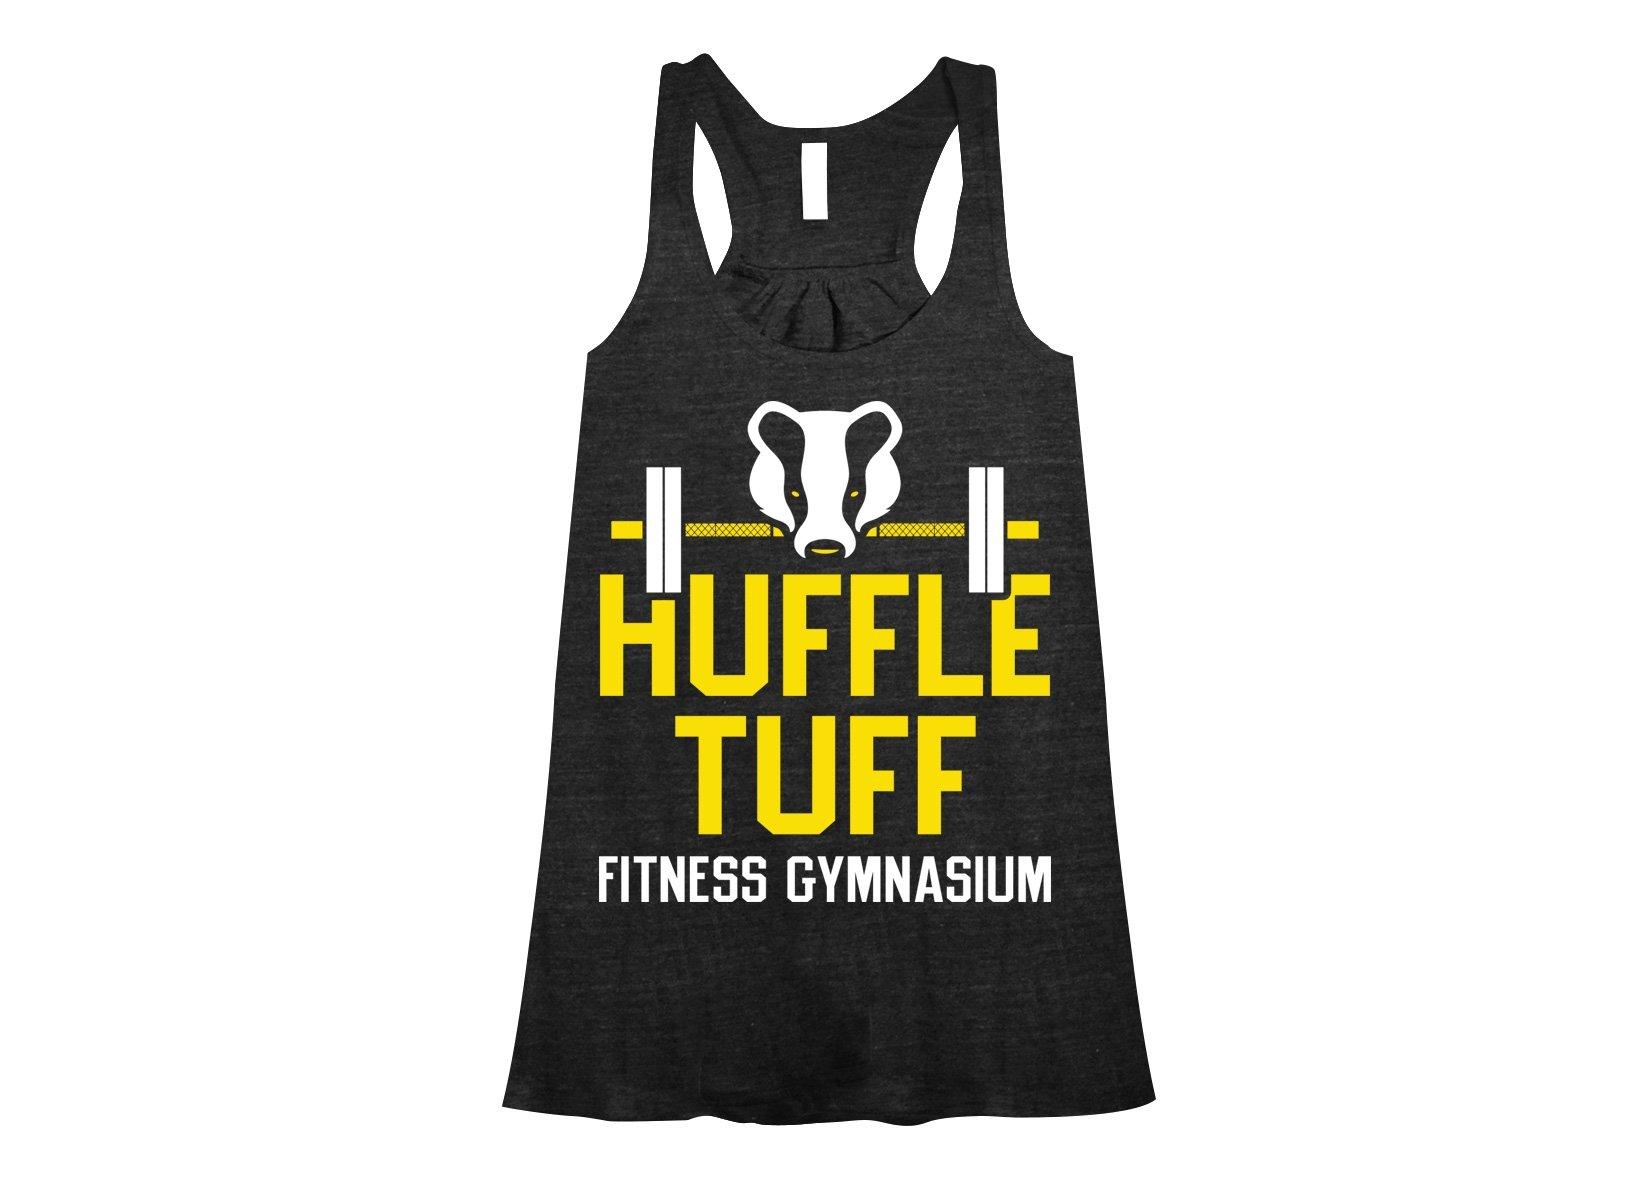 Huffle Tuff Gym on Womens Tanks T-Shirt